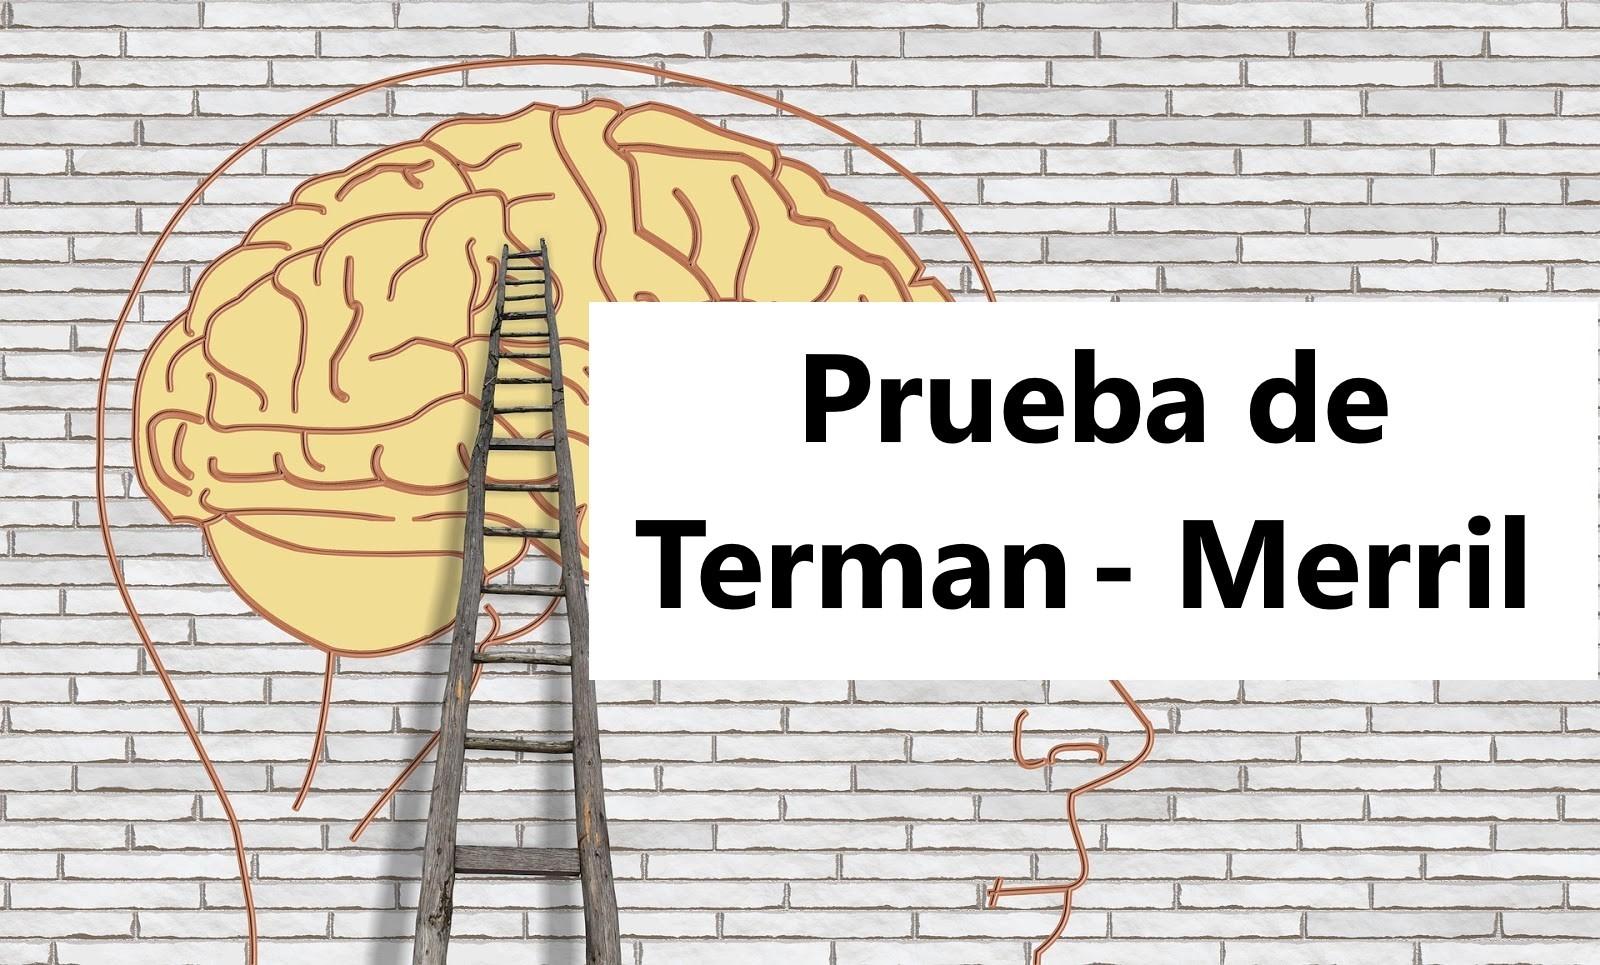 TERMAN  MERRIL, descargar gratis